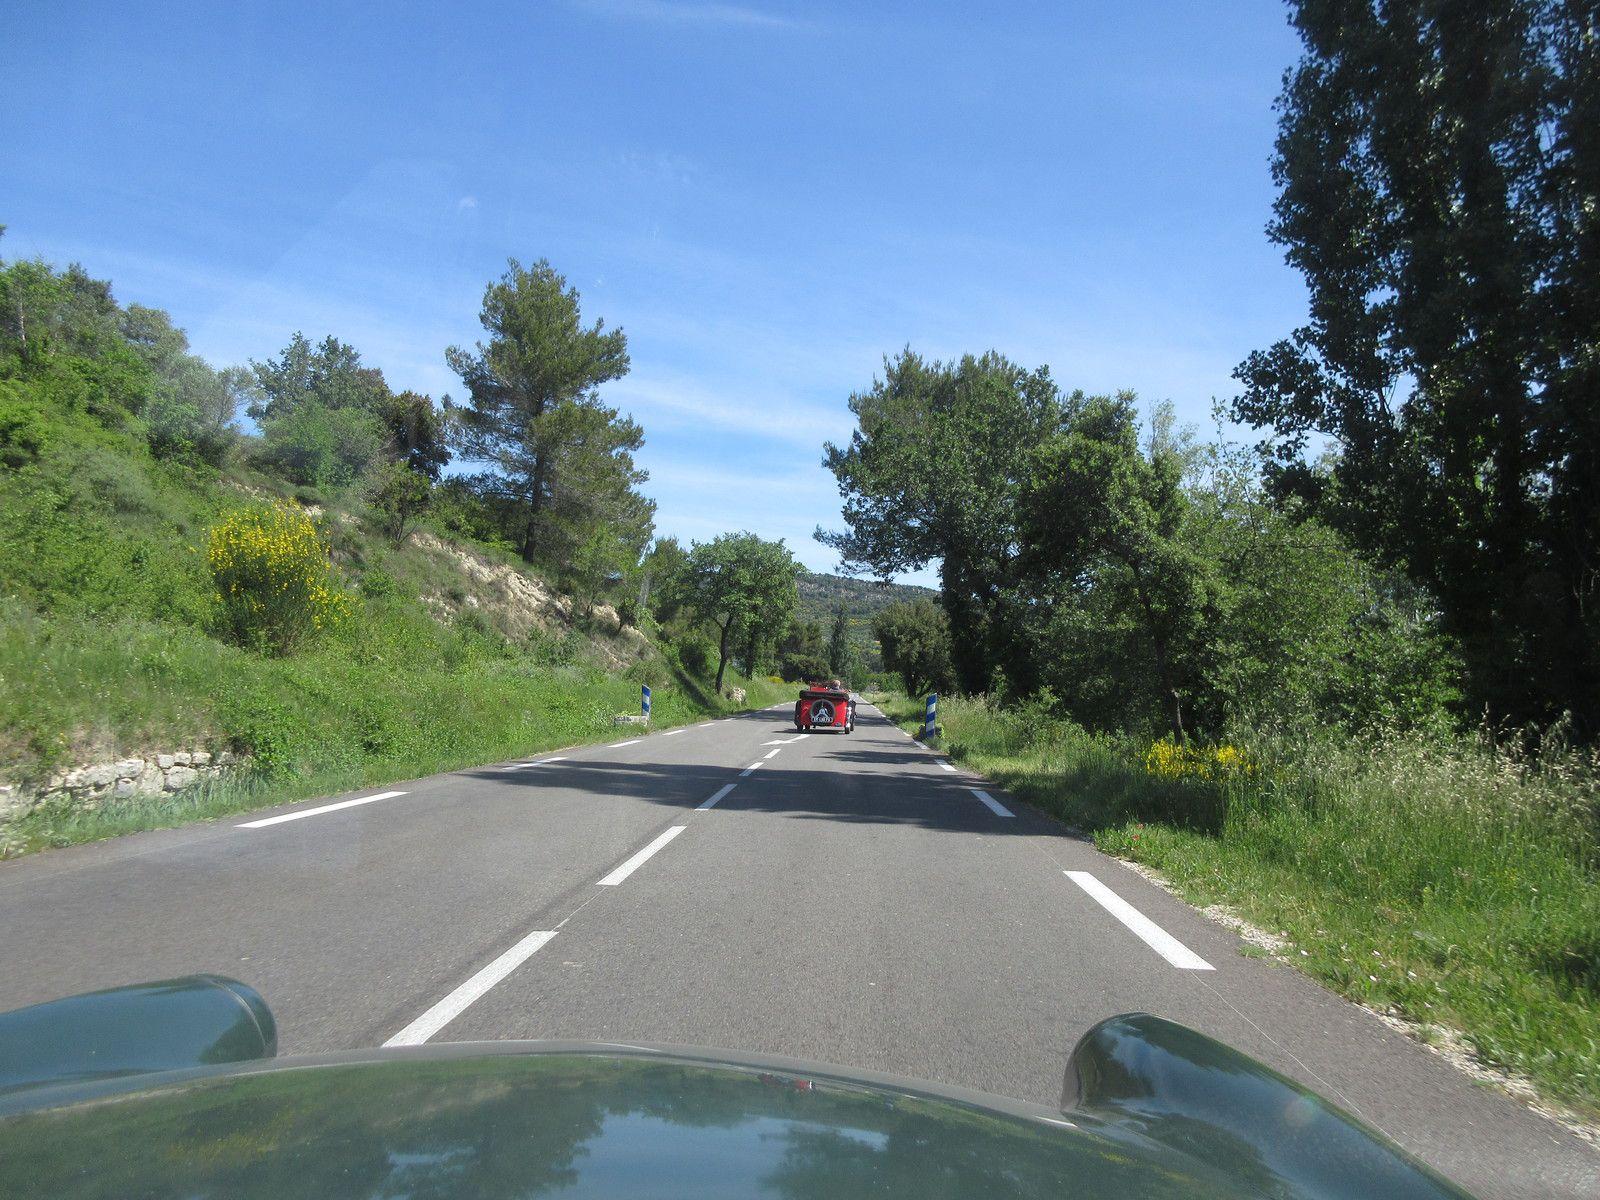 Dimanche 24 MAI en route pour prendre un peu d'altitude et venir se poser à Malaucène au pied du versant nord du mont Ventoux.